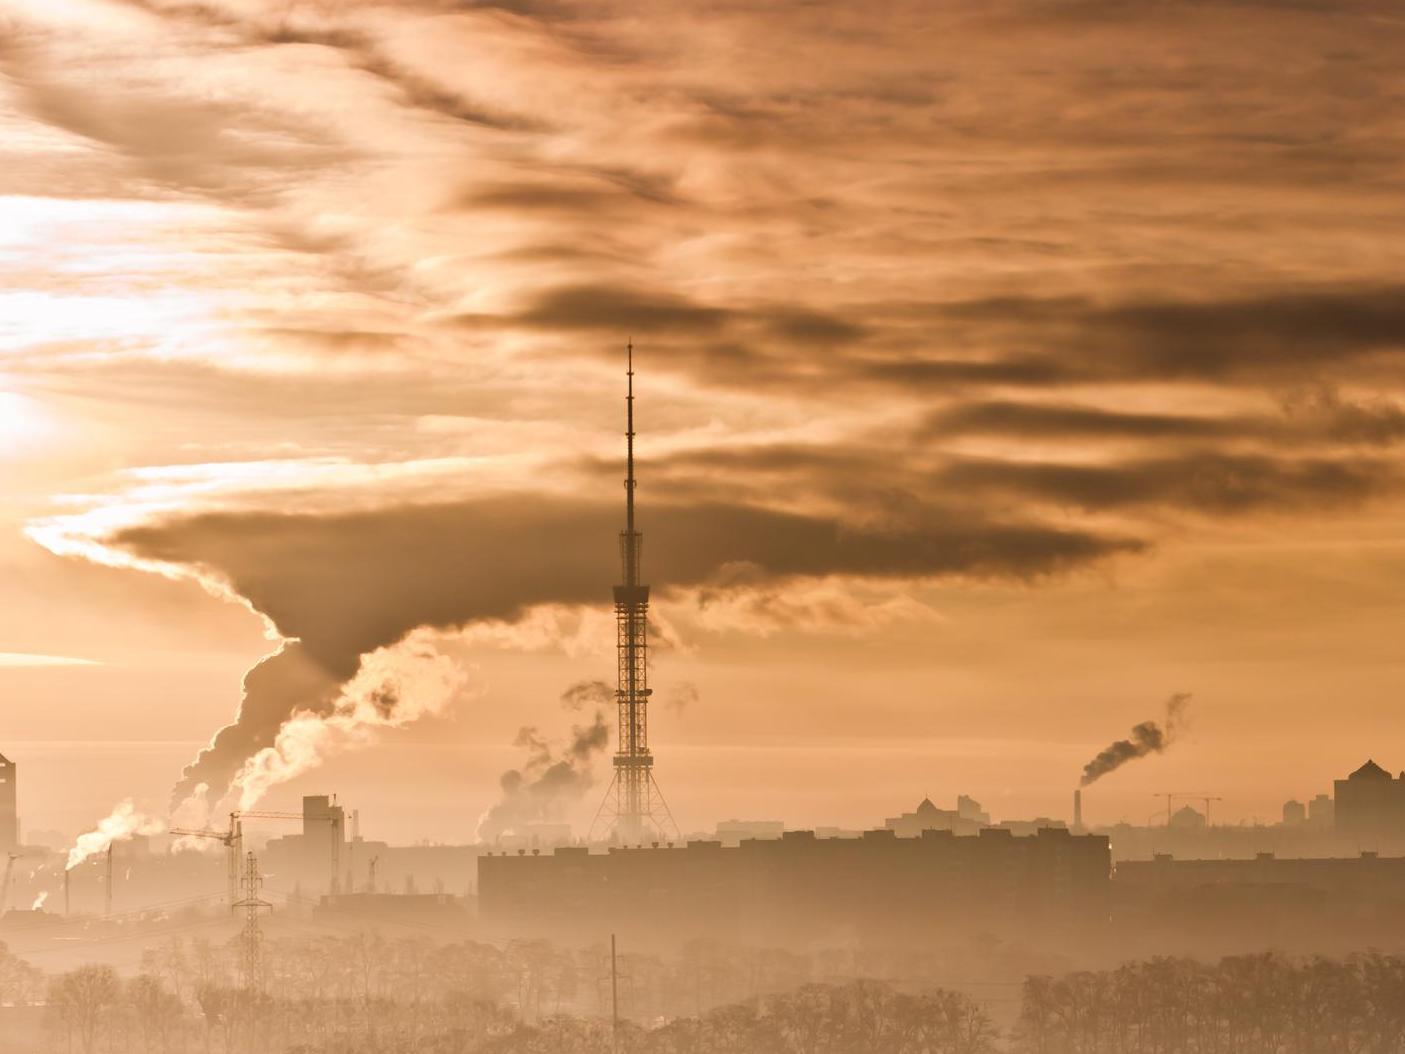 La canicule fait grimper les concentrations en ozone